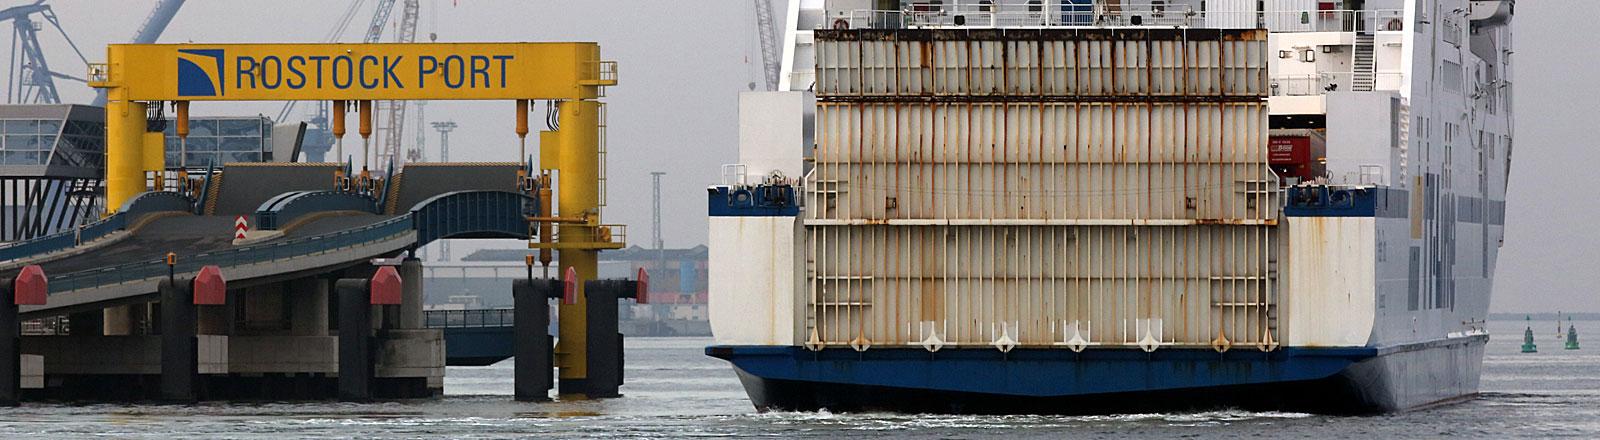 Fähre am Rostocker Hafen